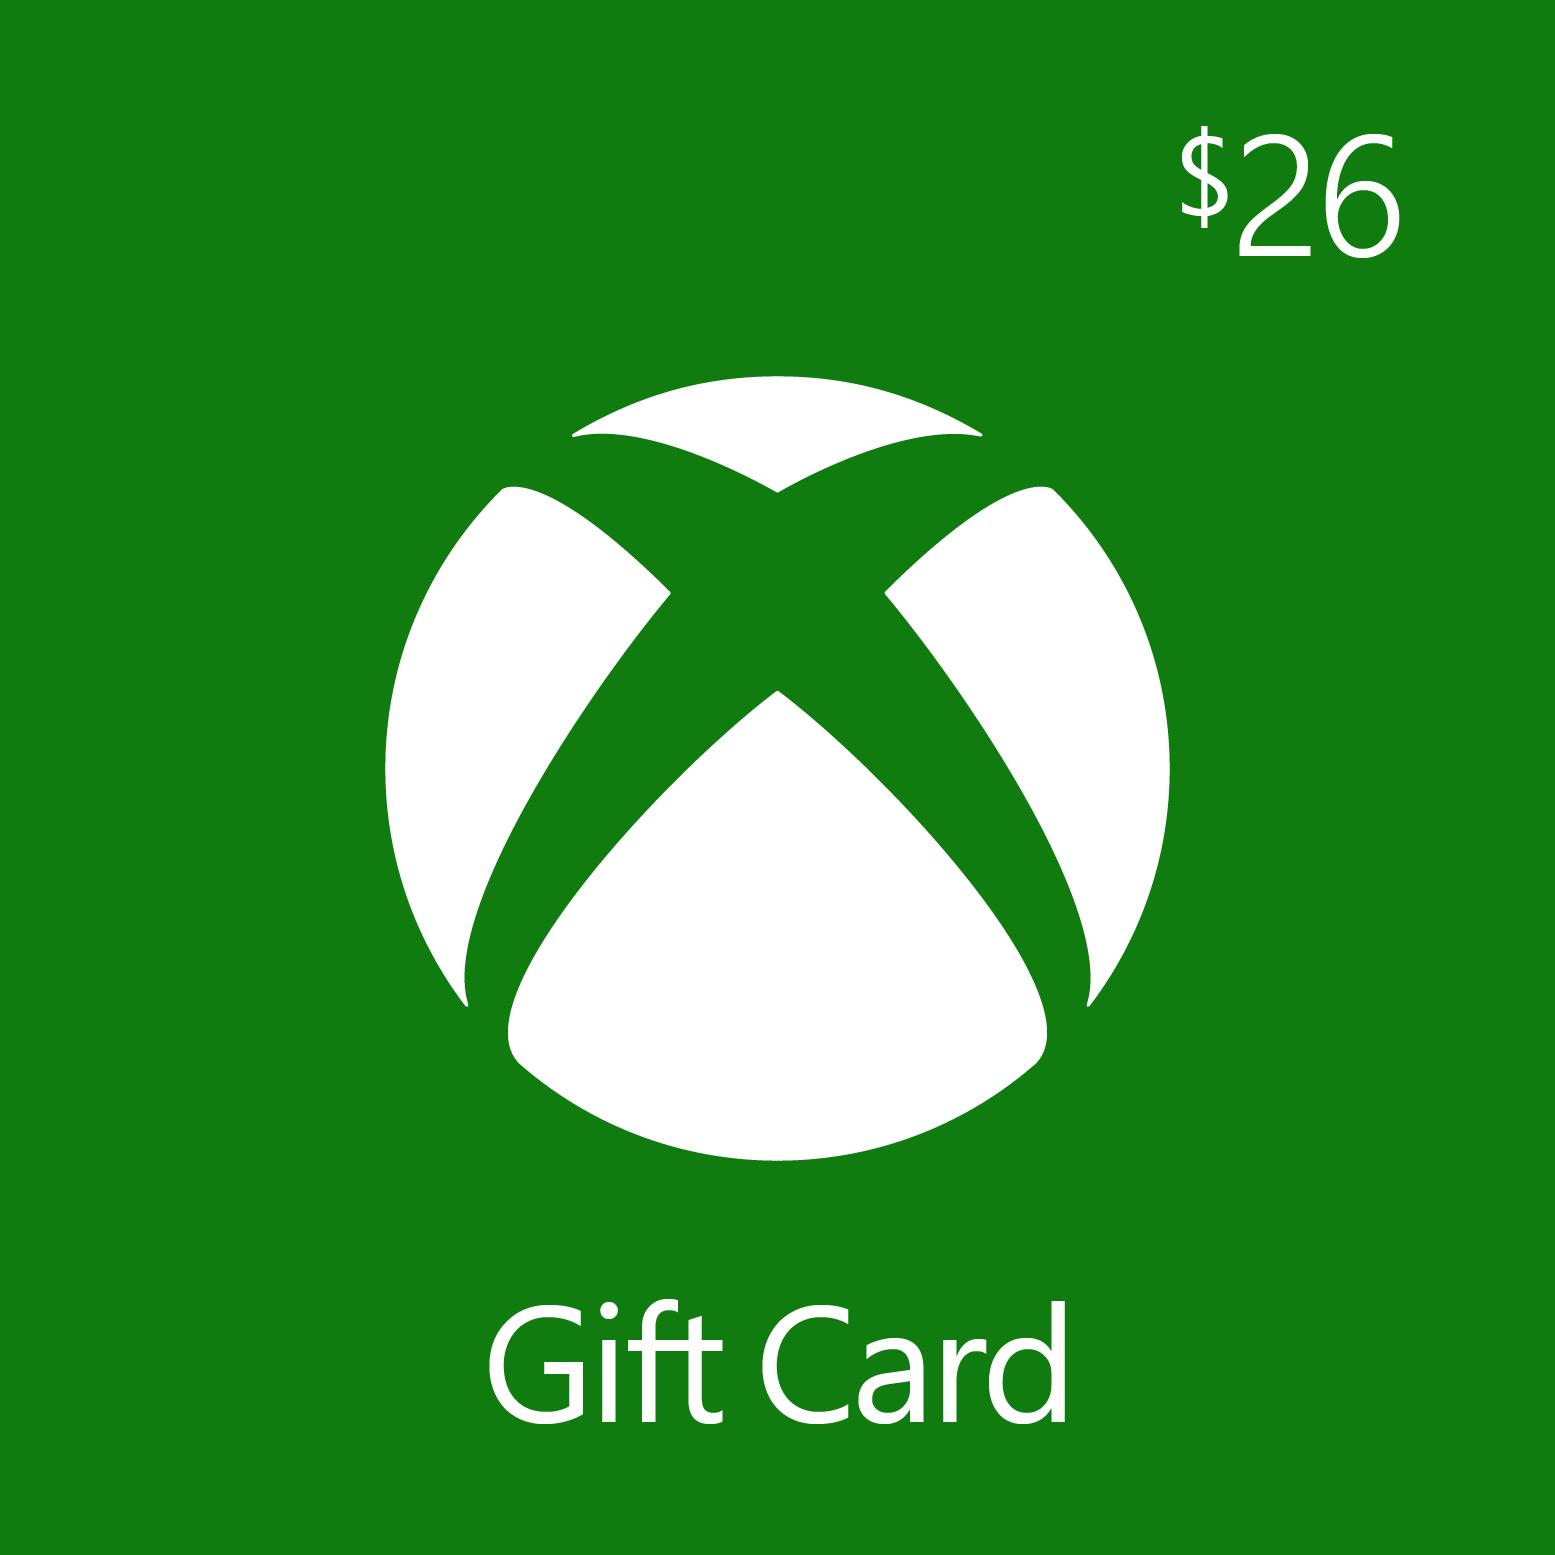 $26.00 Xbox Digital Gift Card